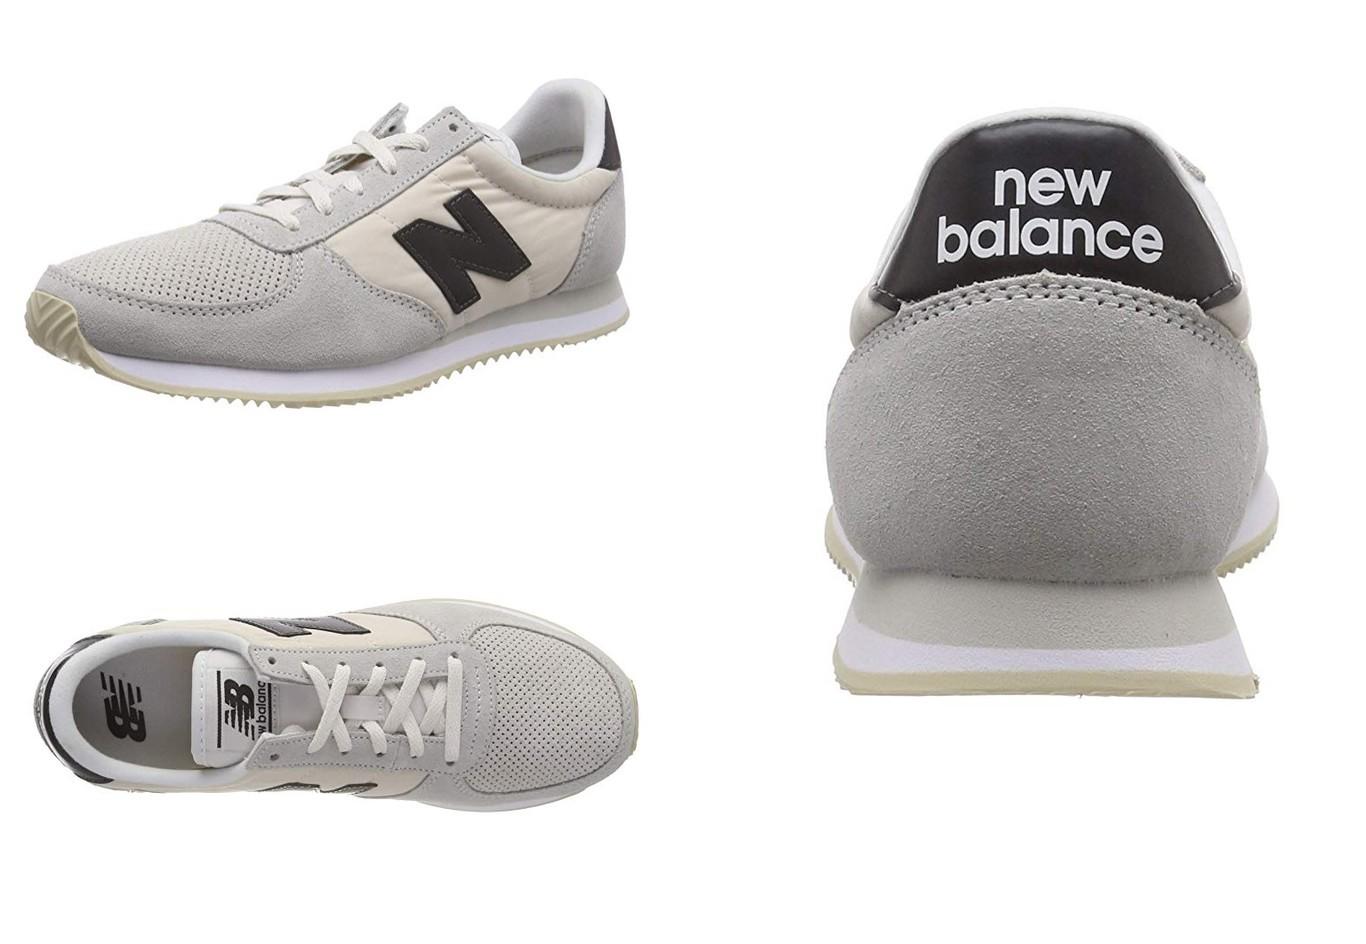 best service cc388 b26de Las zapatillas New Balance 220 en gris pueden ser nuestras desde 34,92  euros gracias a Amazon